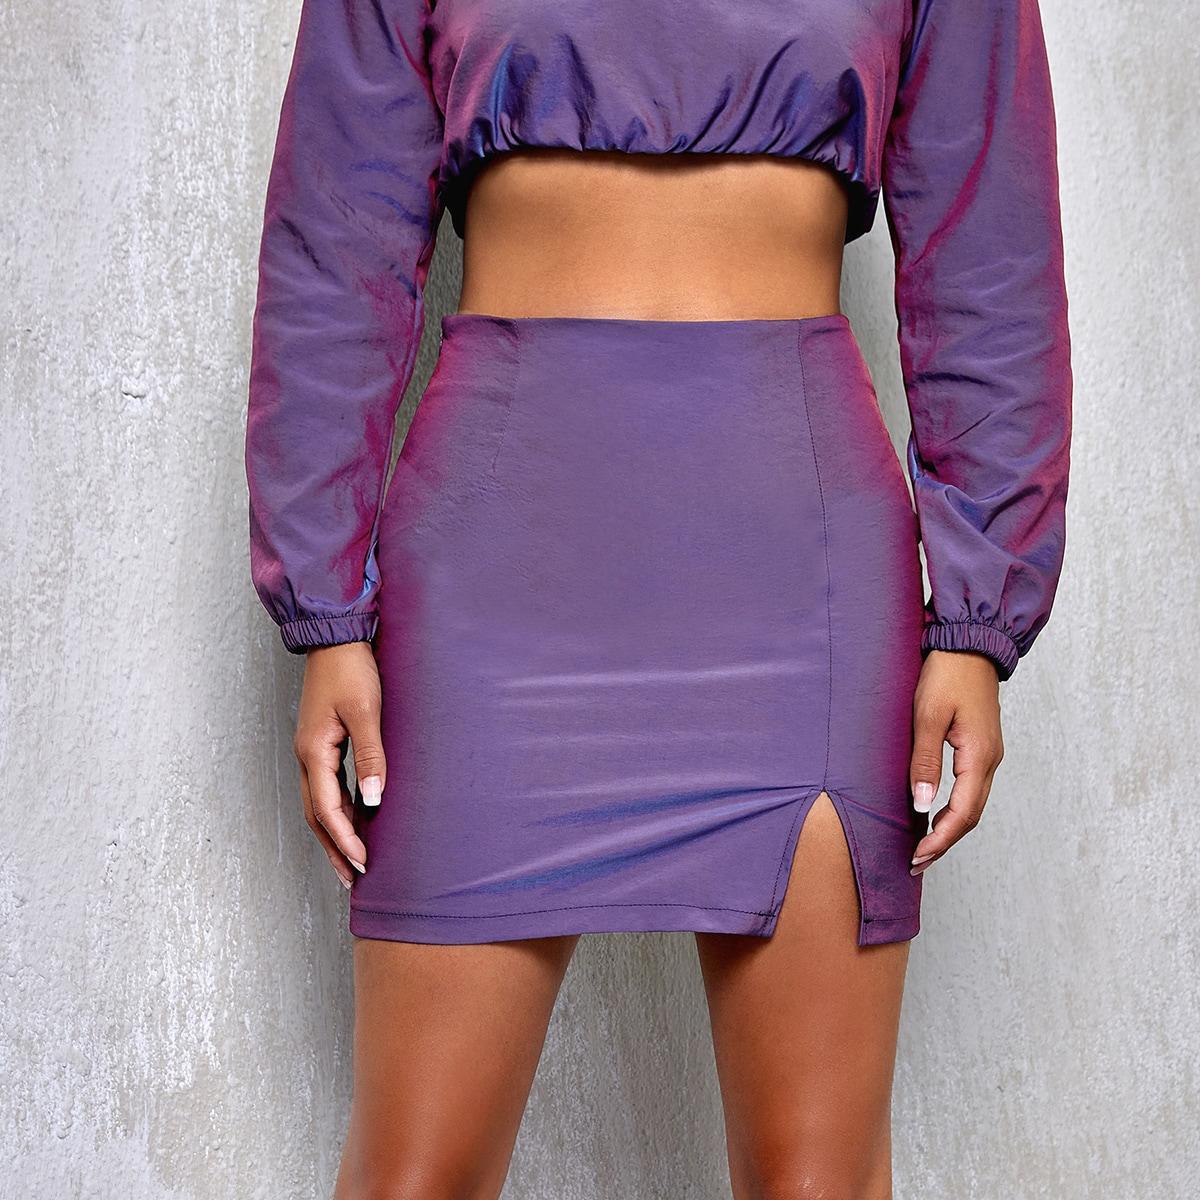 SHEIN / Zipper Side Split Hem Hologram Skirt